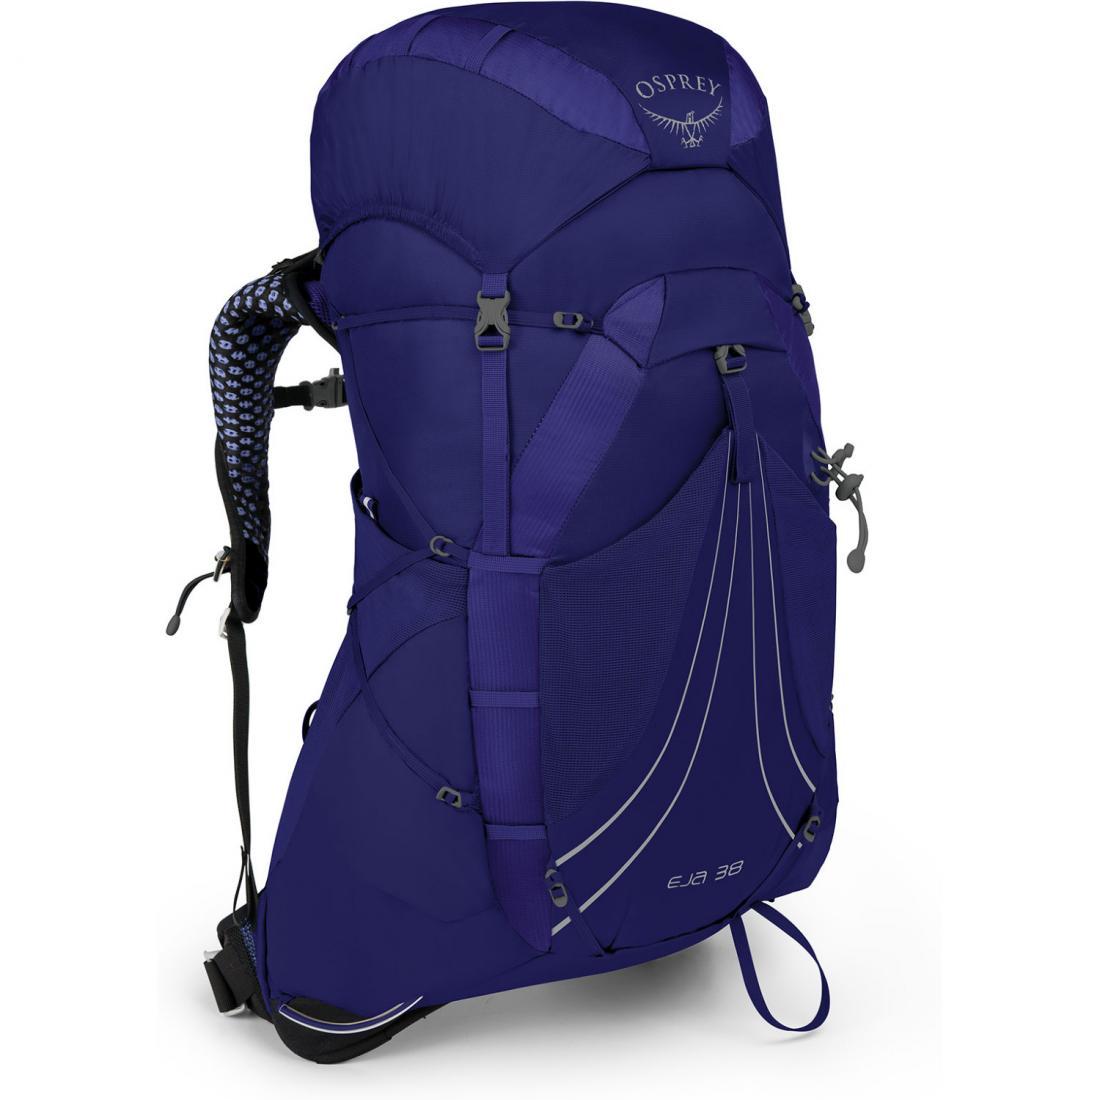 Рюкзак Eja 38 от Osprey